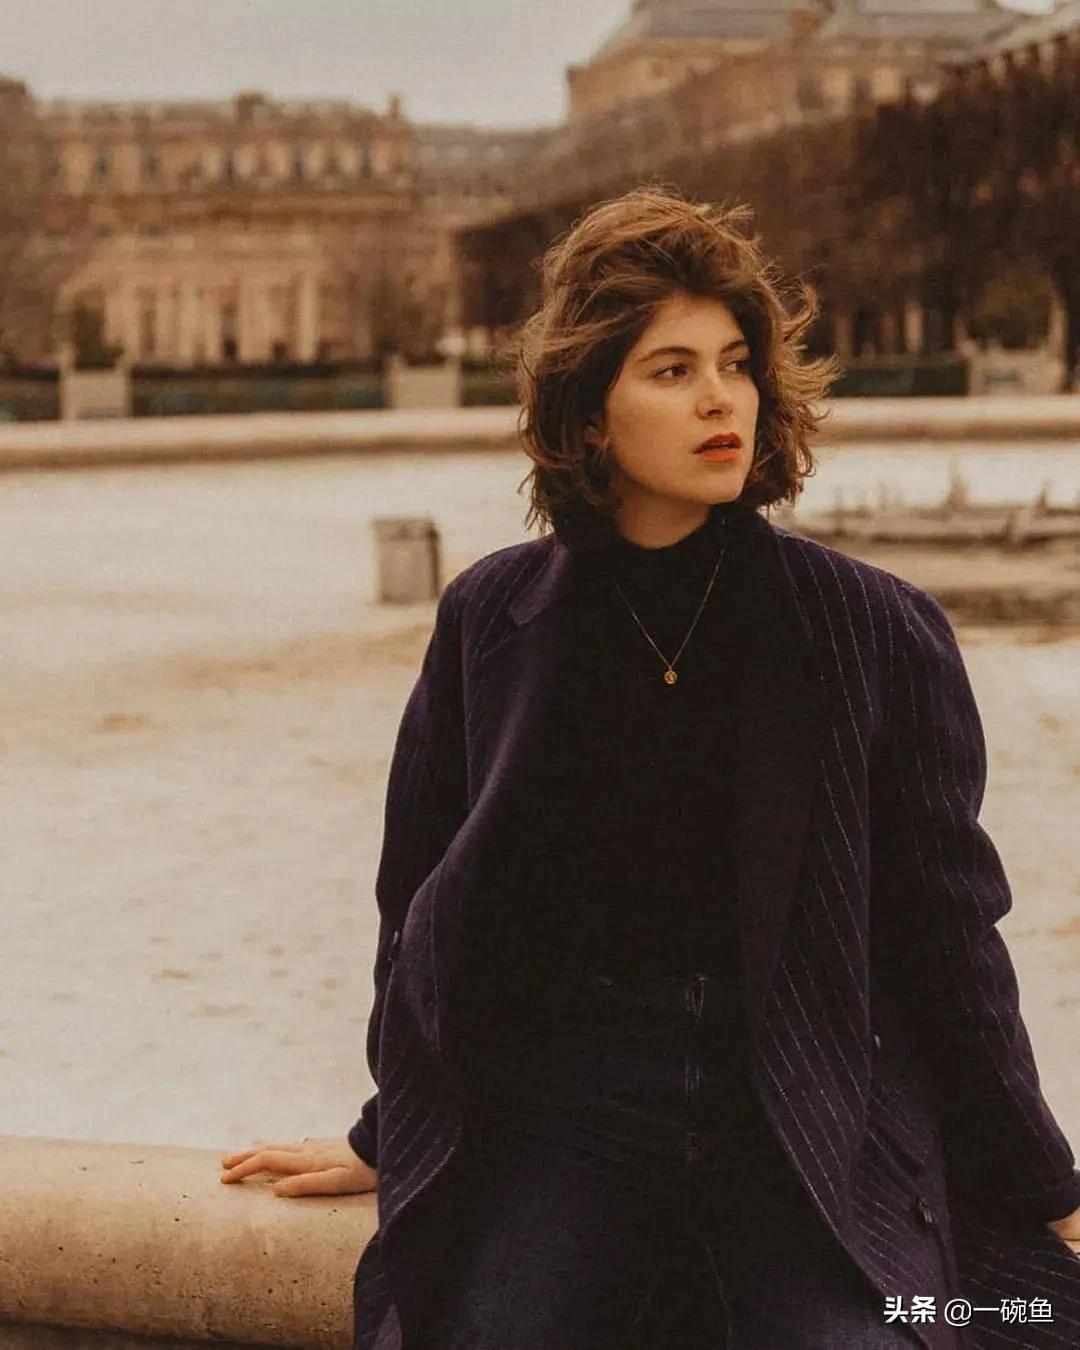 """Từ ngắn đến dài, đây là những kiểu tóc """"cộp mác"""" gái Pháp, nhìn thôi - Ảnh 1."""